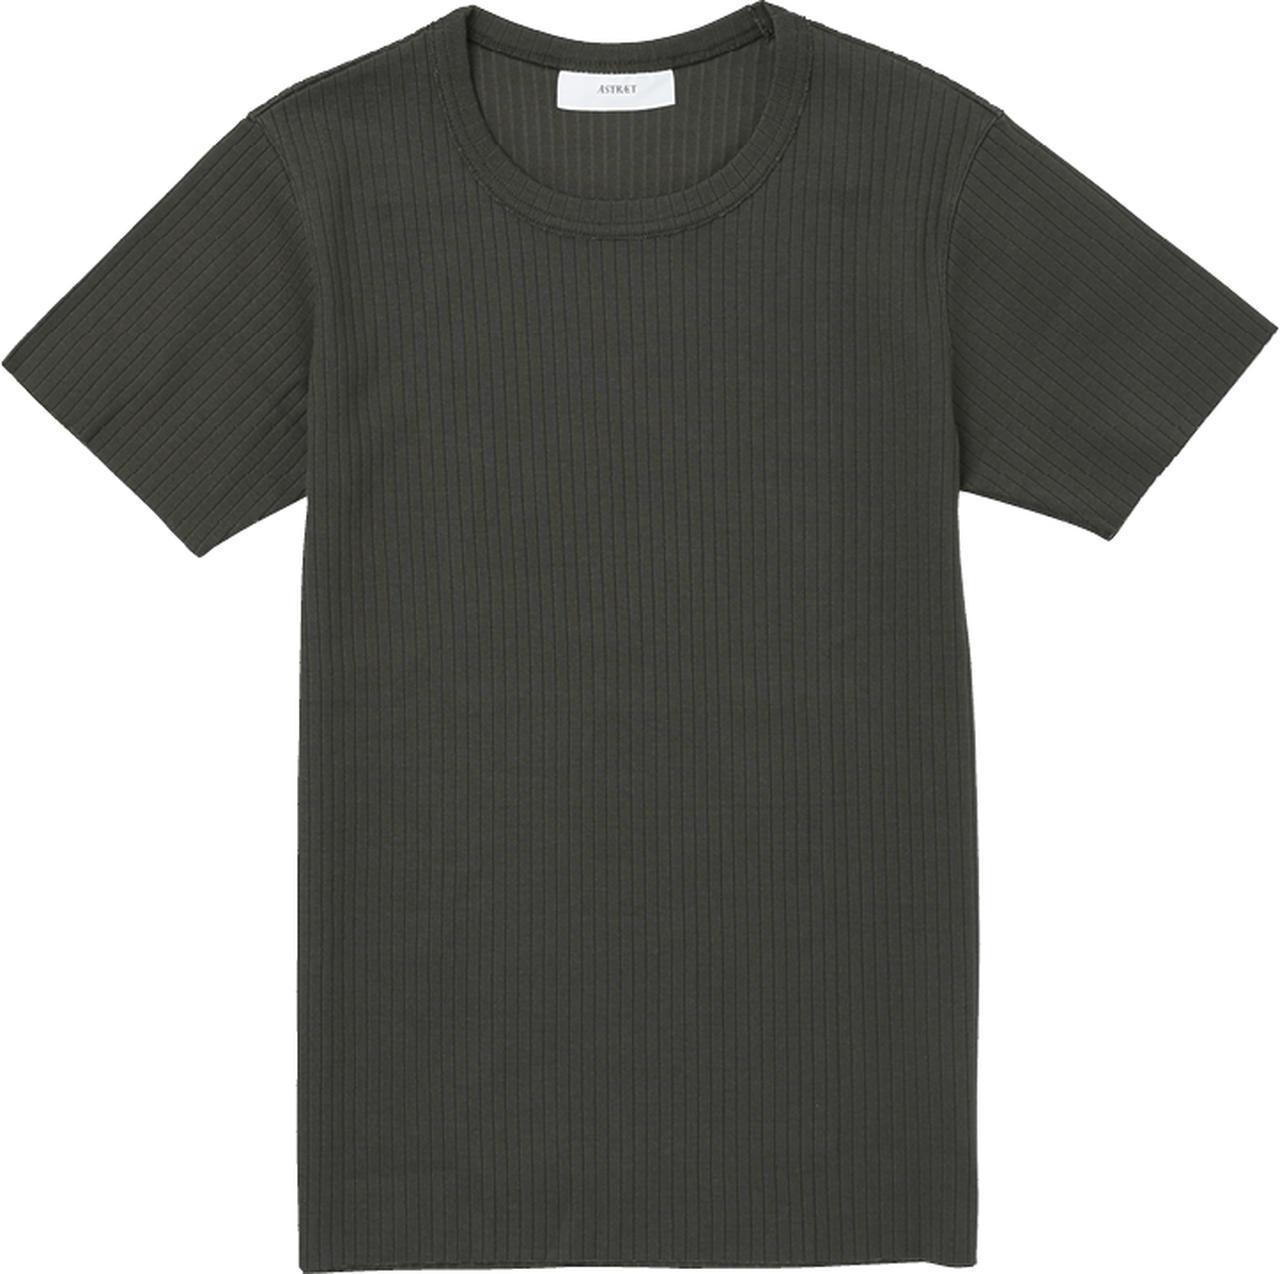 画像4: 意外と使える秋Tシャツ 今シーズン最後のカットソー買いはコレ!